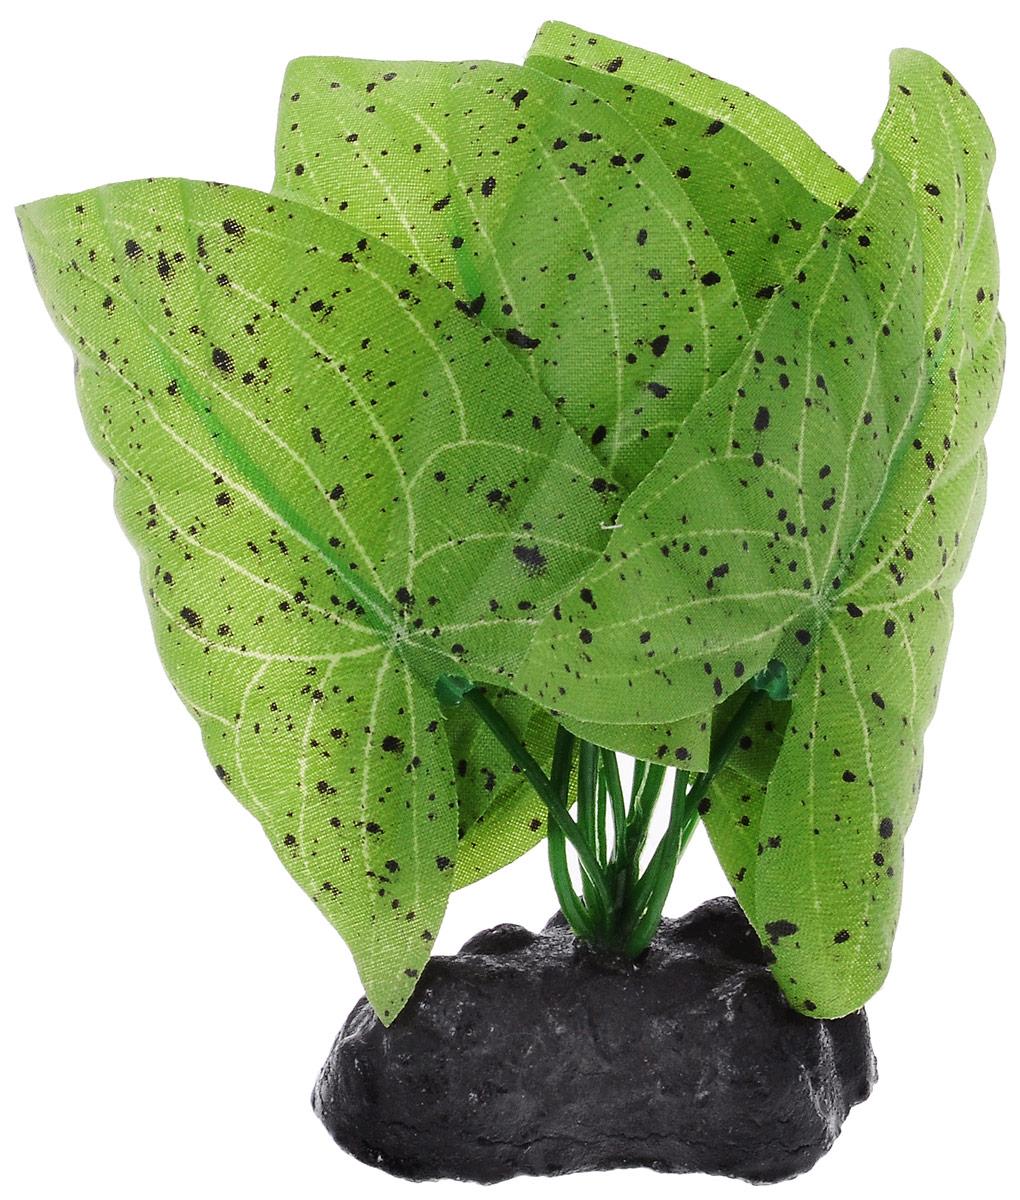 Растение для аквариума Barbus Нимфея пятнистая, шелковое, высота 10 смPlant 024/30Растение для аквариума Barbus Нимфея пятнистая, выполненное из качественного шелка, станет оригинальным украшением вашего аквариума. В воде создается абсолютная имитация живого растения. Можно использовать в любой воде: пресной или морской. Изделие безопасно, не токсично, нейтрально к водному балансу, устойчиво к истиранию краски. Растение Barbus поможет вам смоделировать потрясающий пейзаж на дне вашего аквариума или террариума. Высота растения: 10 см.